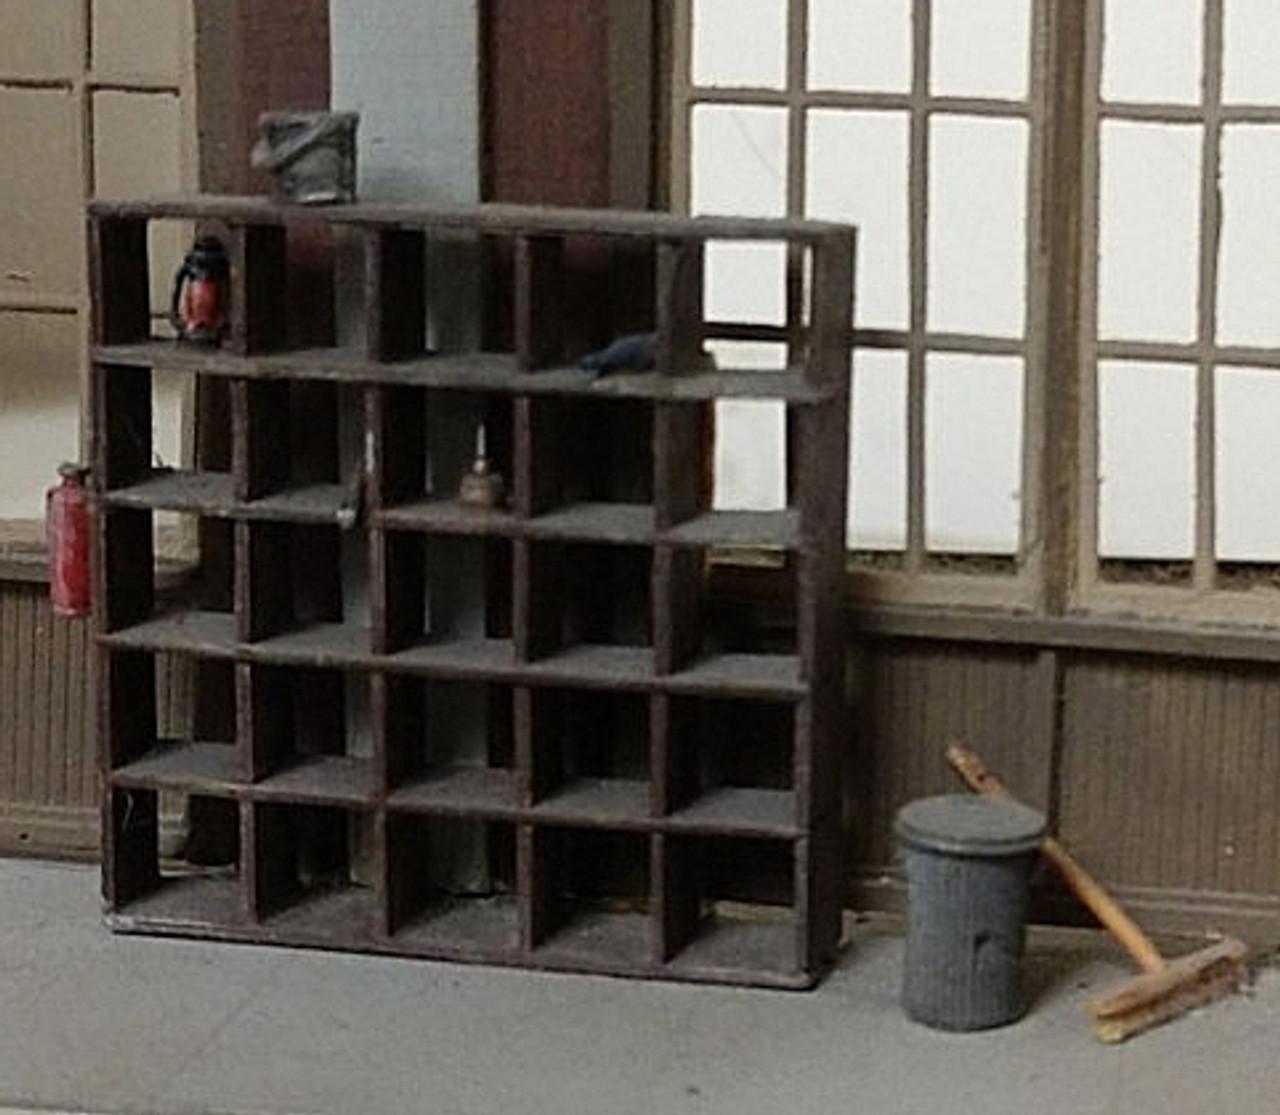 Wooden Storage Bins Shelves